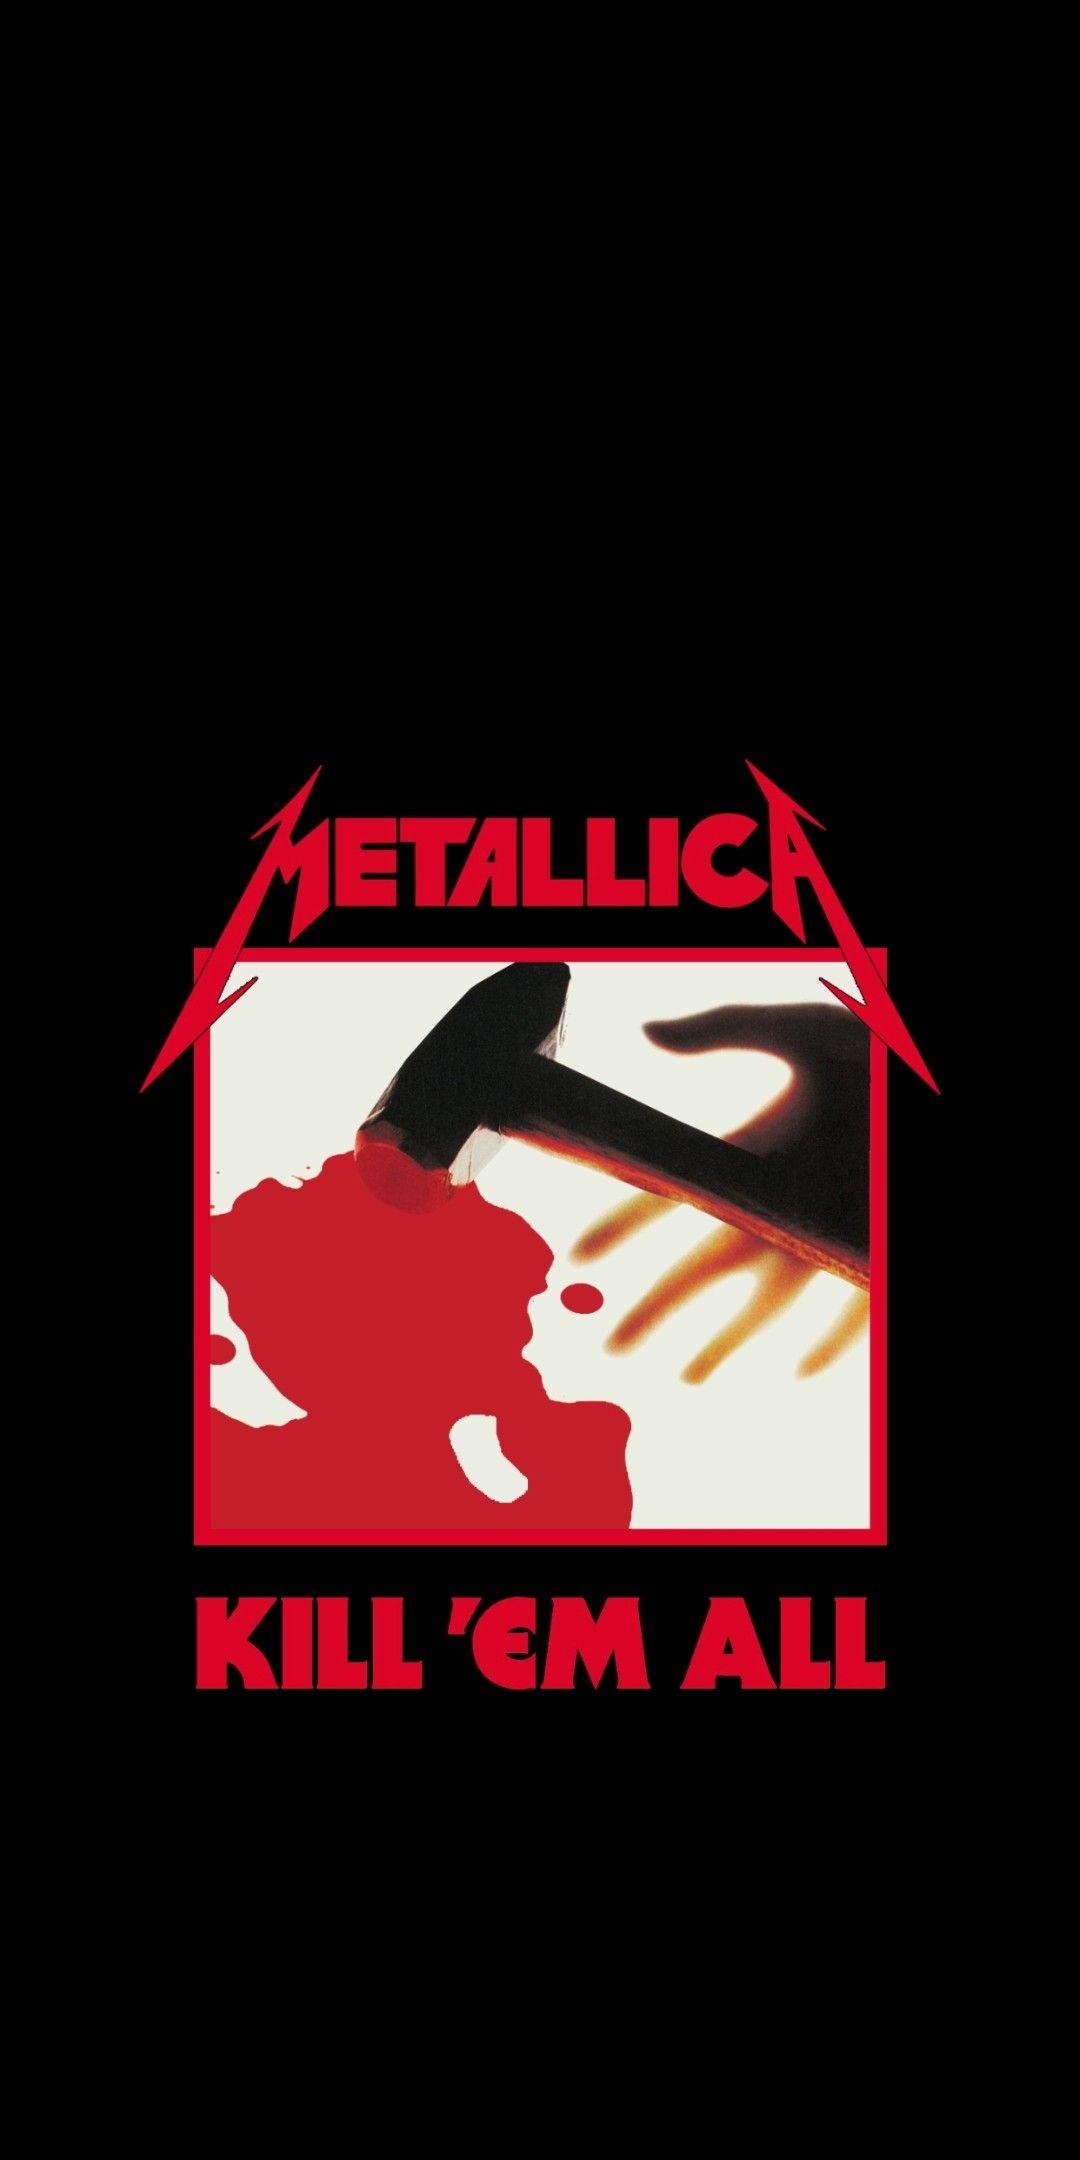 Metallica kill en all wallpaper fondo iPhone Carteles de